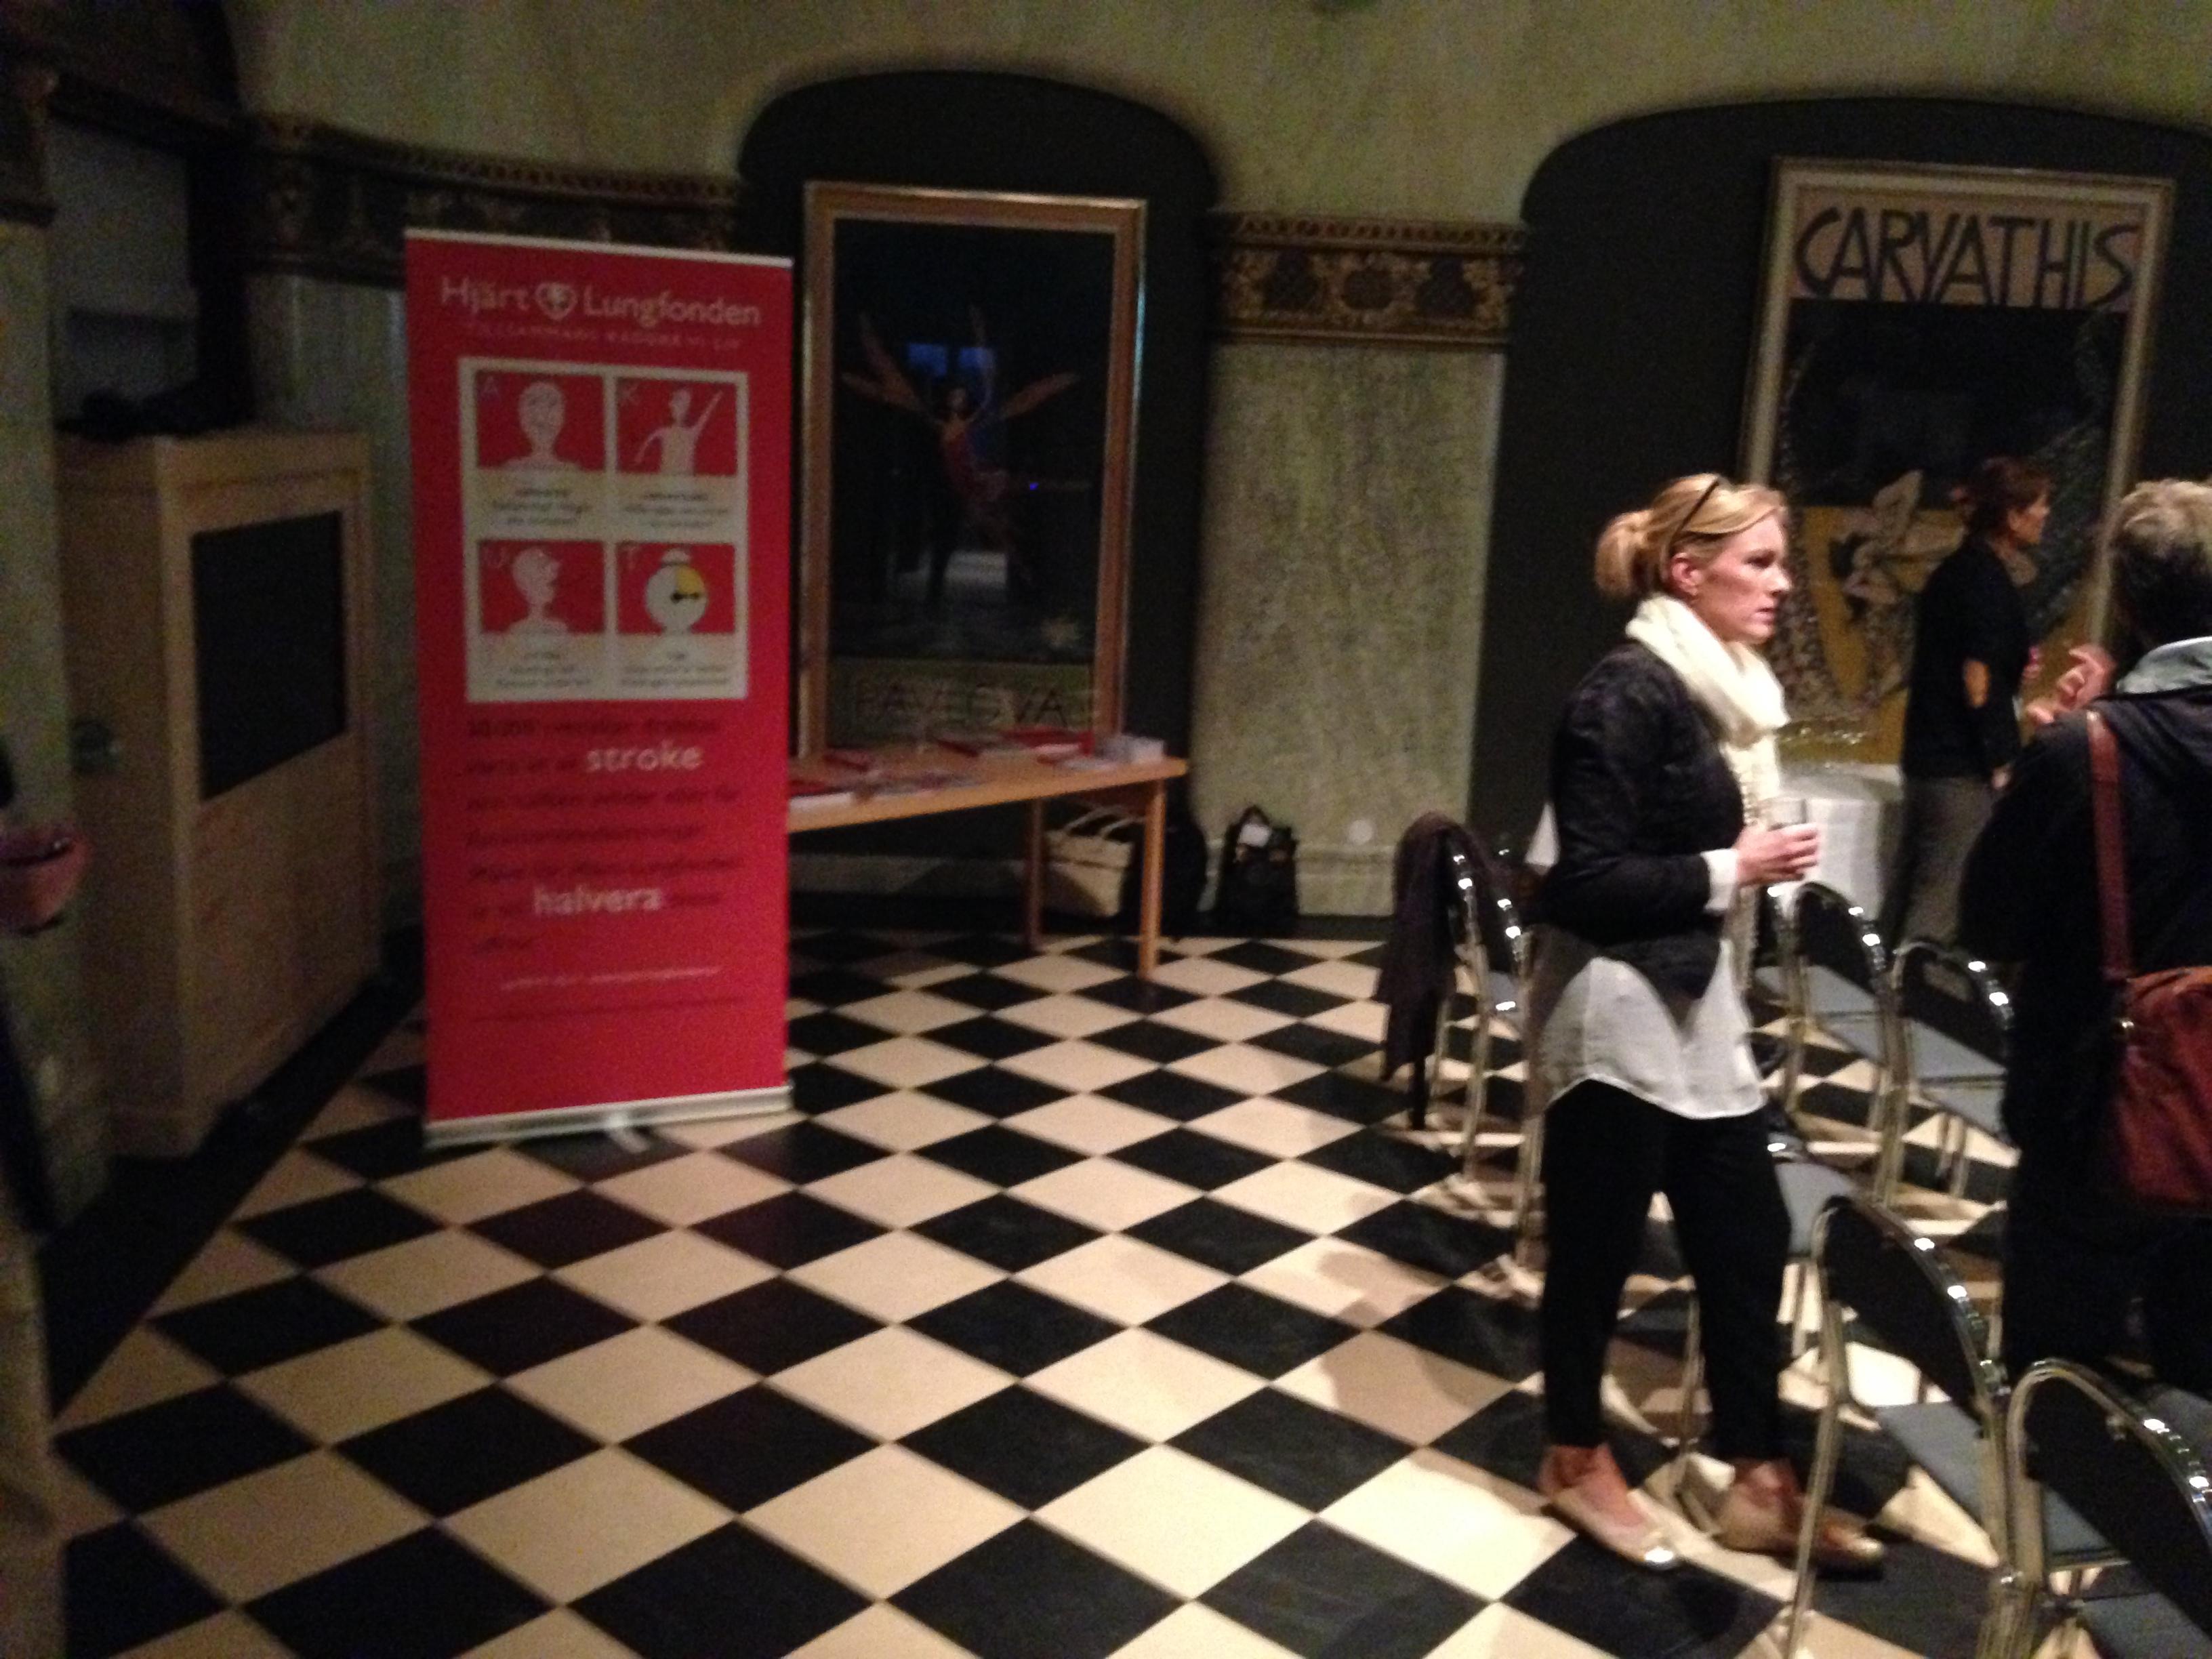 Tillträdande generalsekreteraren Kristina Sparreljung deltog aktivt på releasefesten för boken HJÄRNVILJA